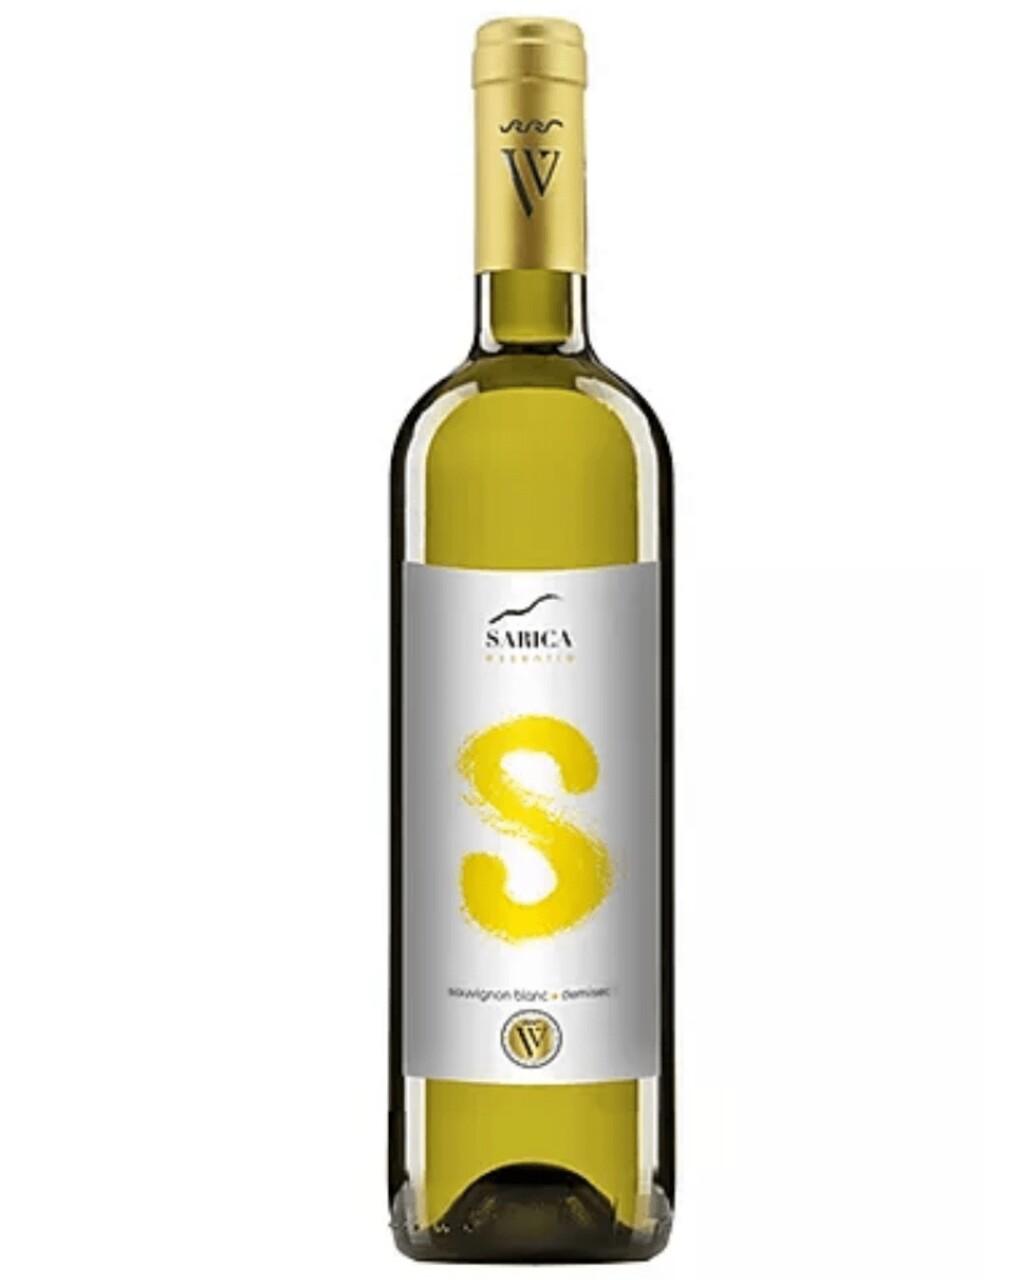 Sarica Niculitel Essentia Sauvignon Blanc